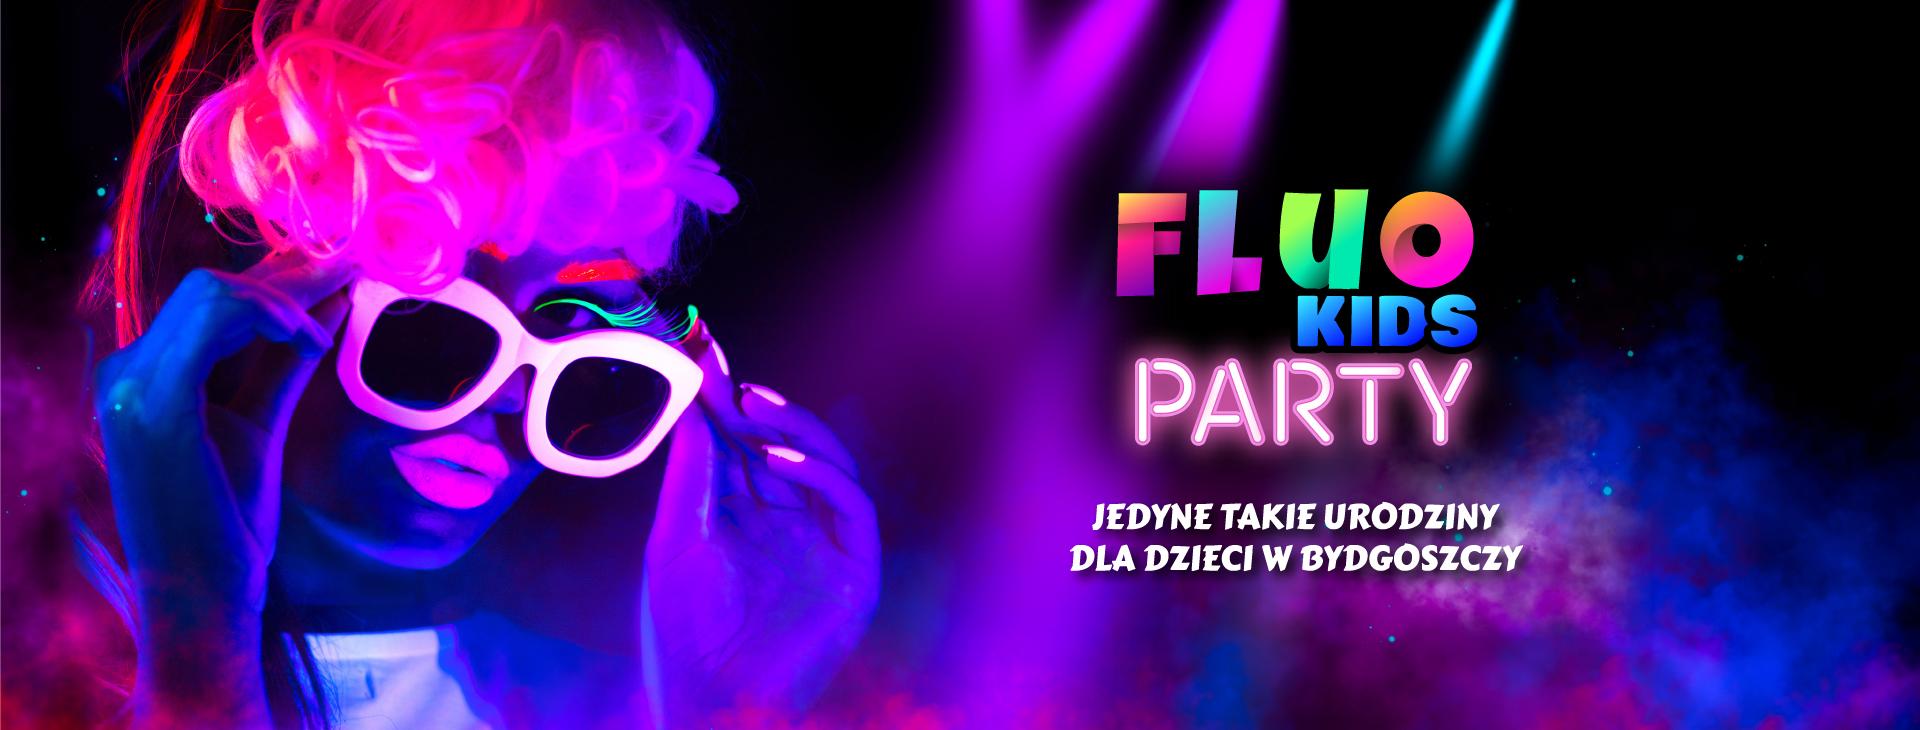 Fluo Kids Party - przyjęcie urodzinowe w świetle UV